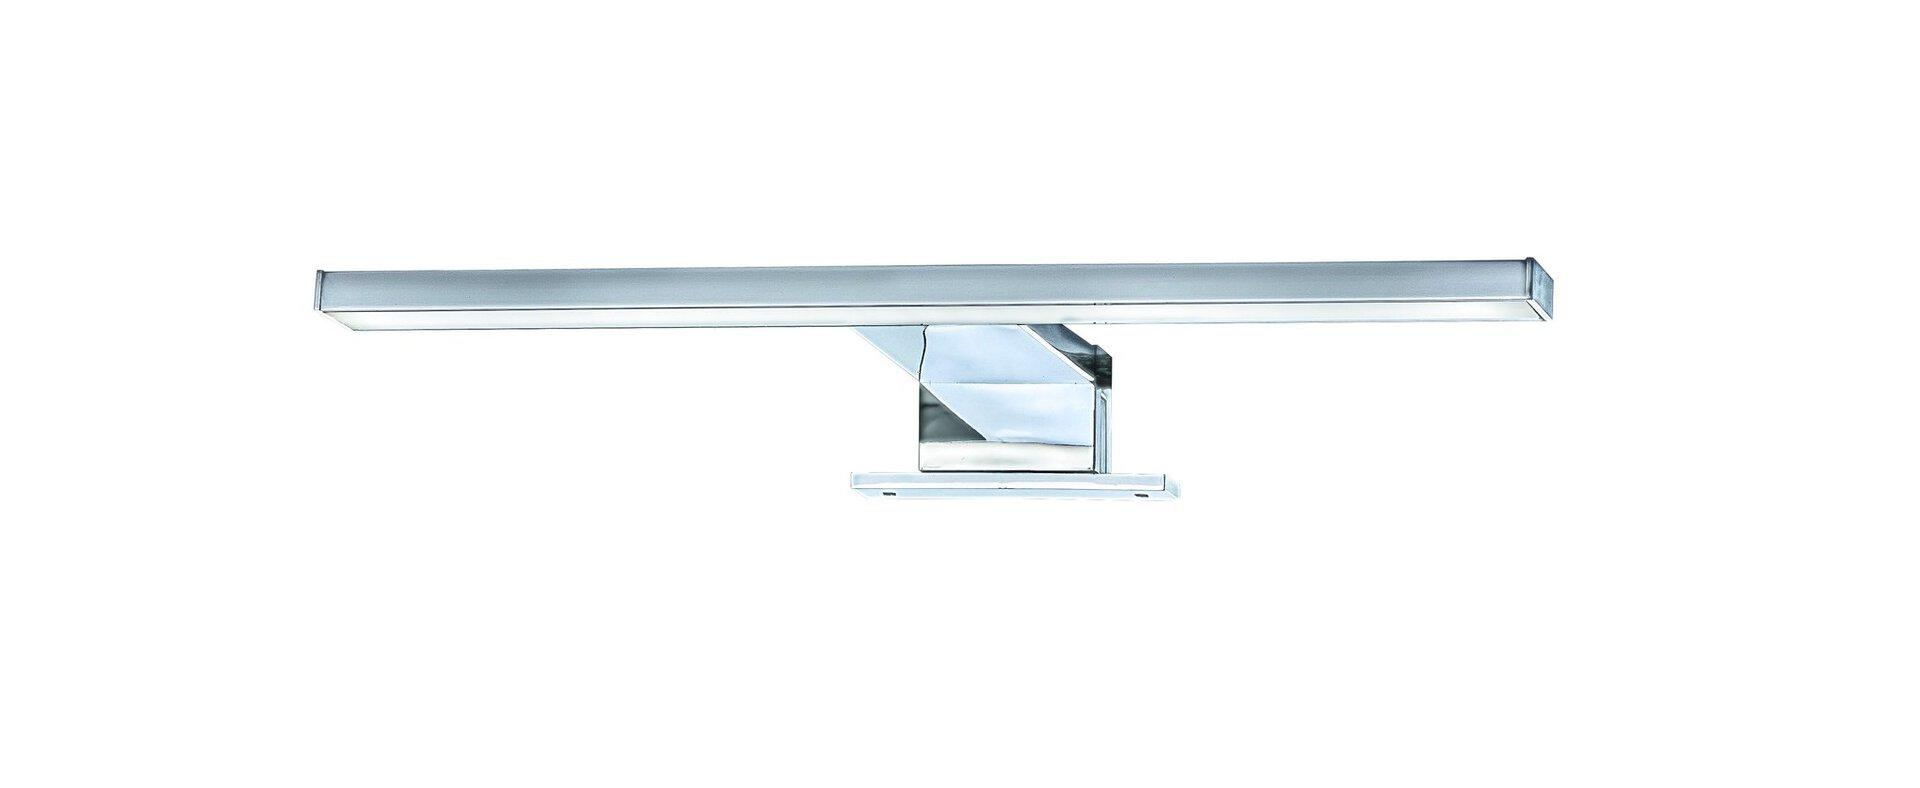 Spiegelleuchte Brilo Bath Briloner Metall silber 10 x 4 x 30 cm